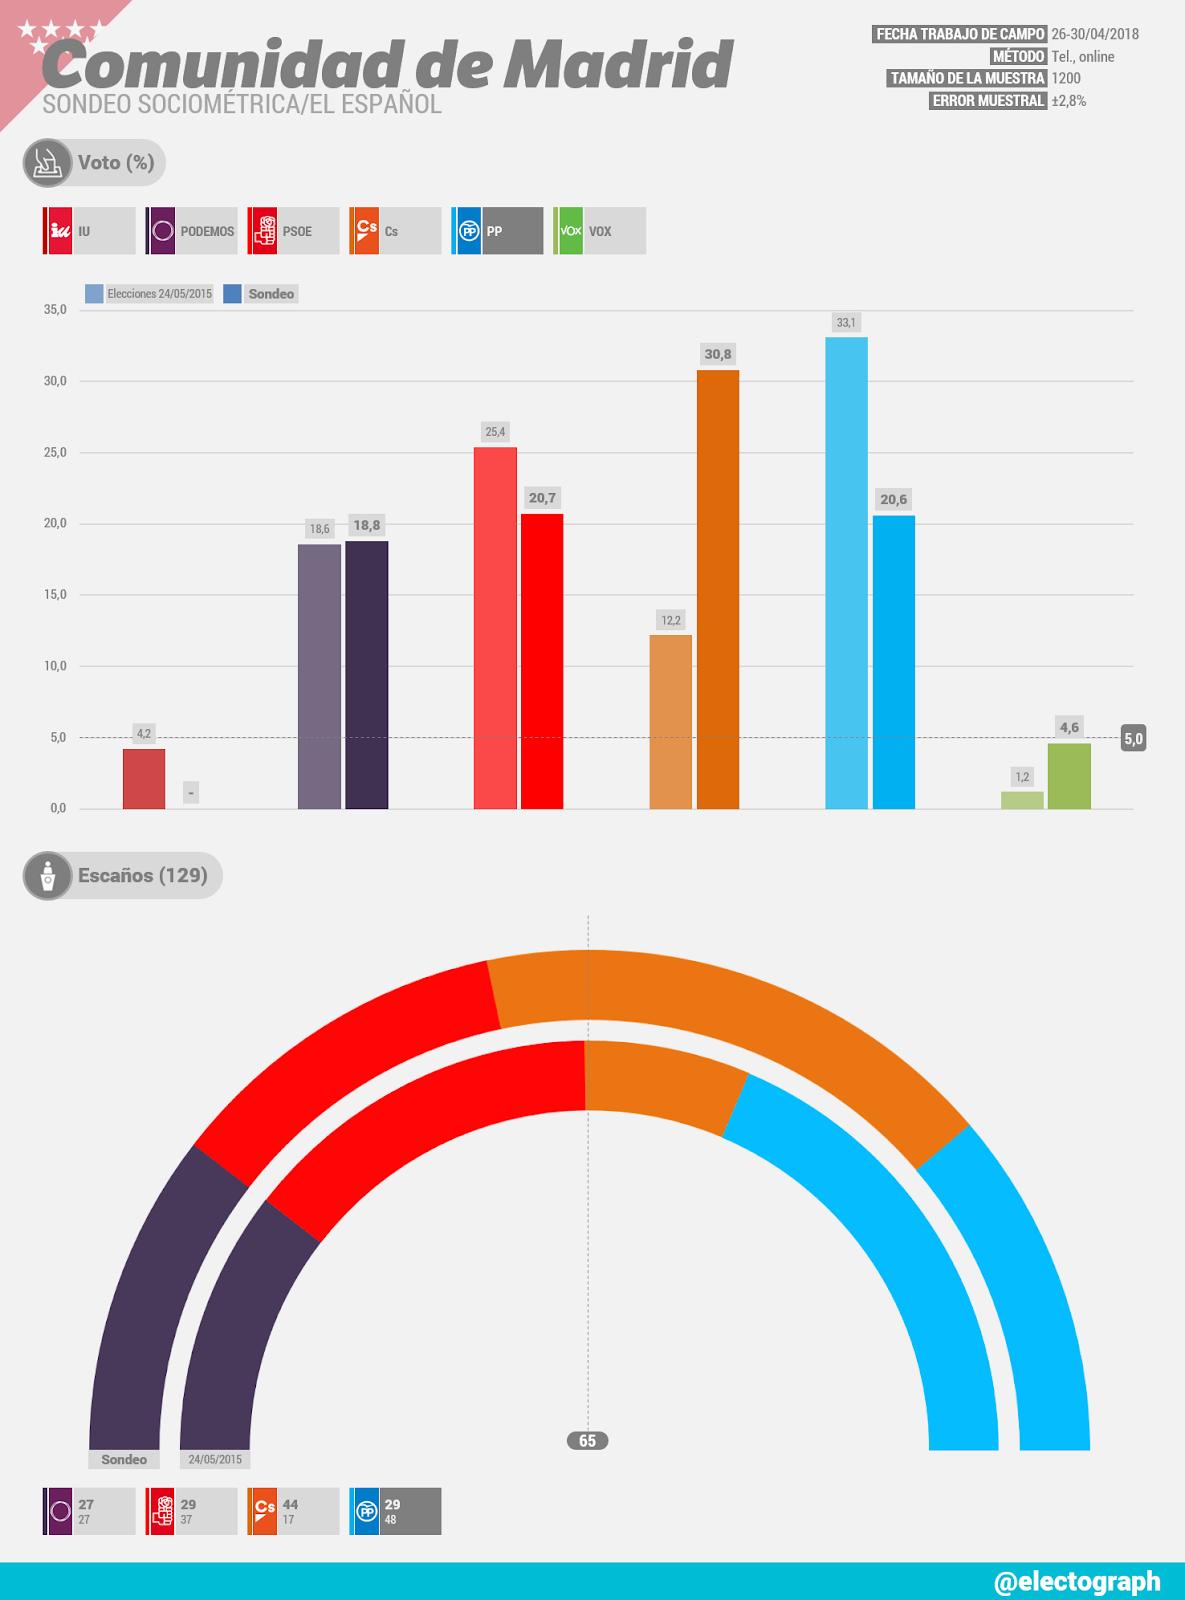 Gráfico de la encuesta para elecciones autonómicas en la Comunidad de Madrid realizada por SocioMétrica para El Español en abril de 2018